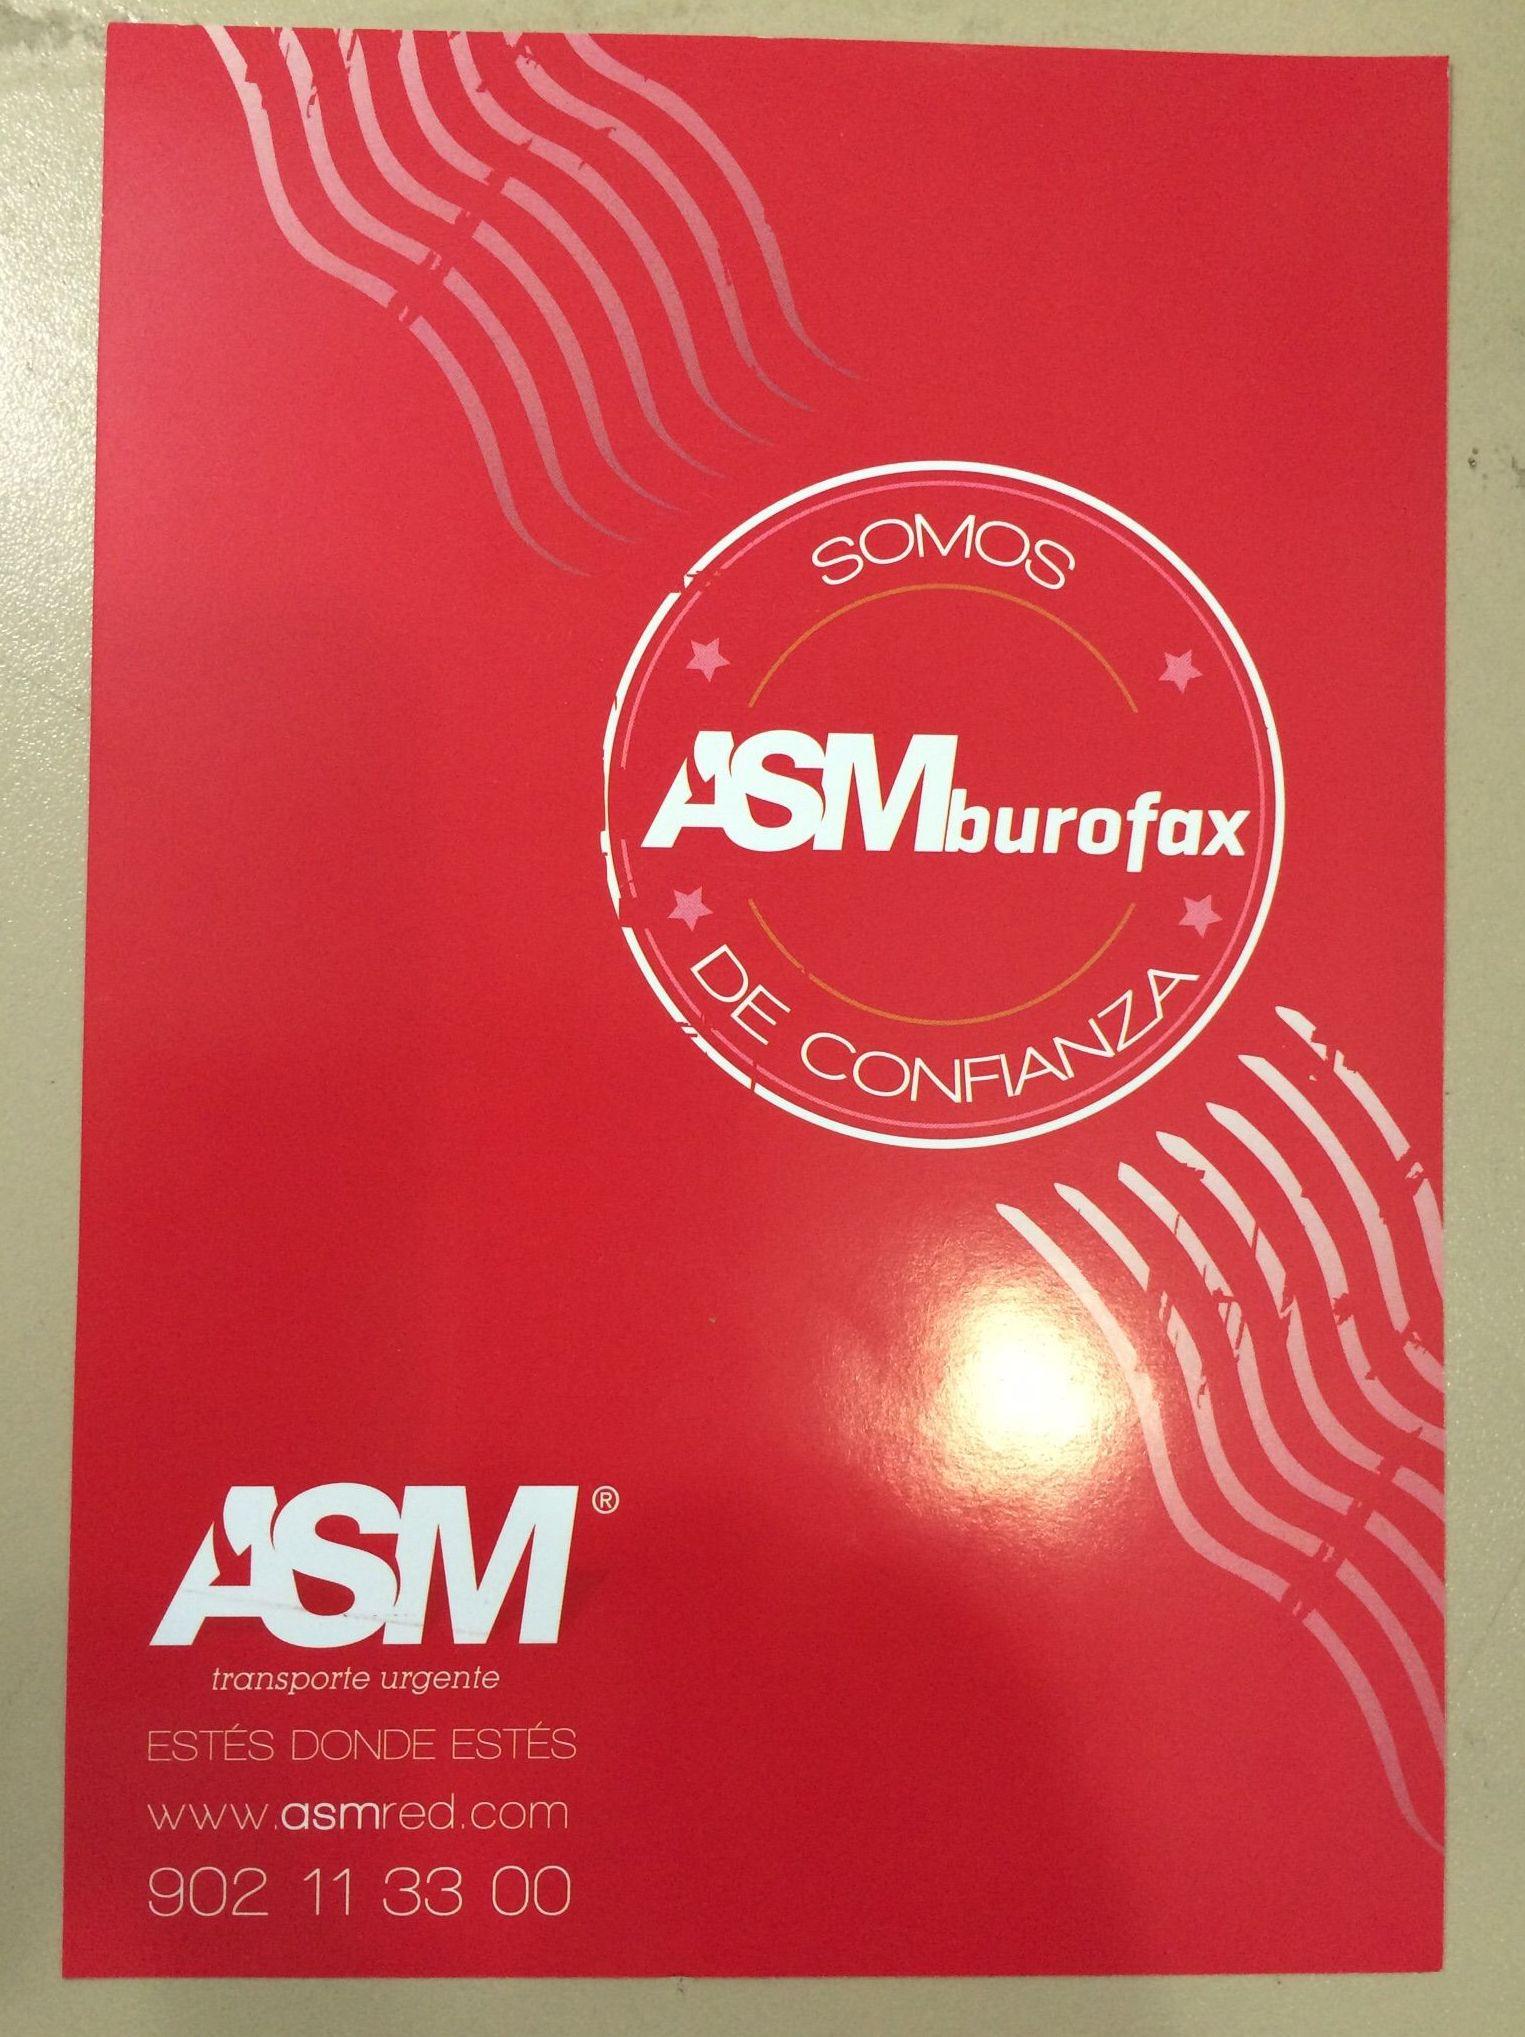 ASM burofax